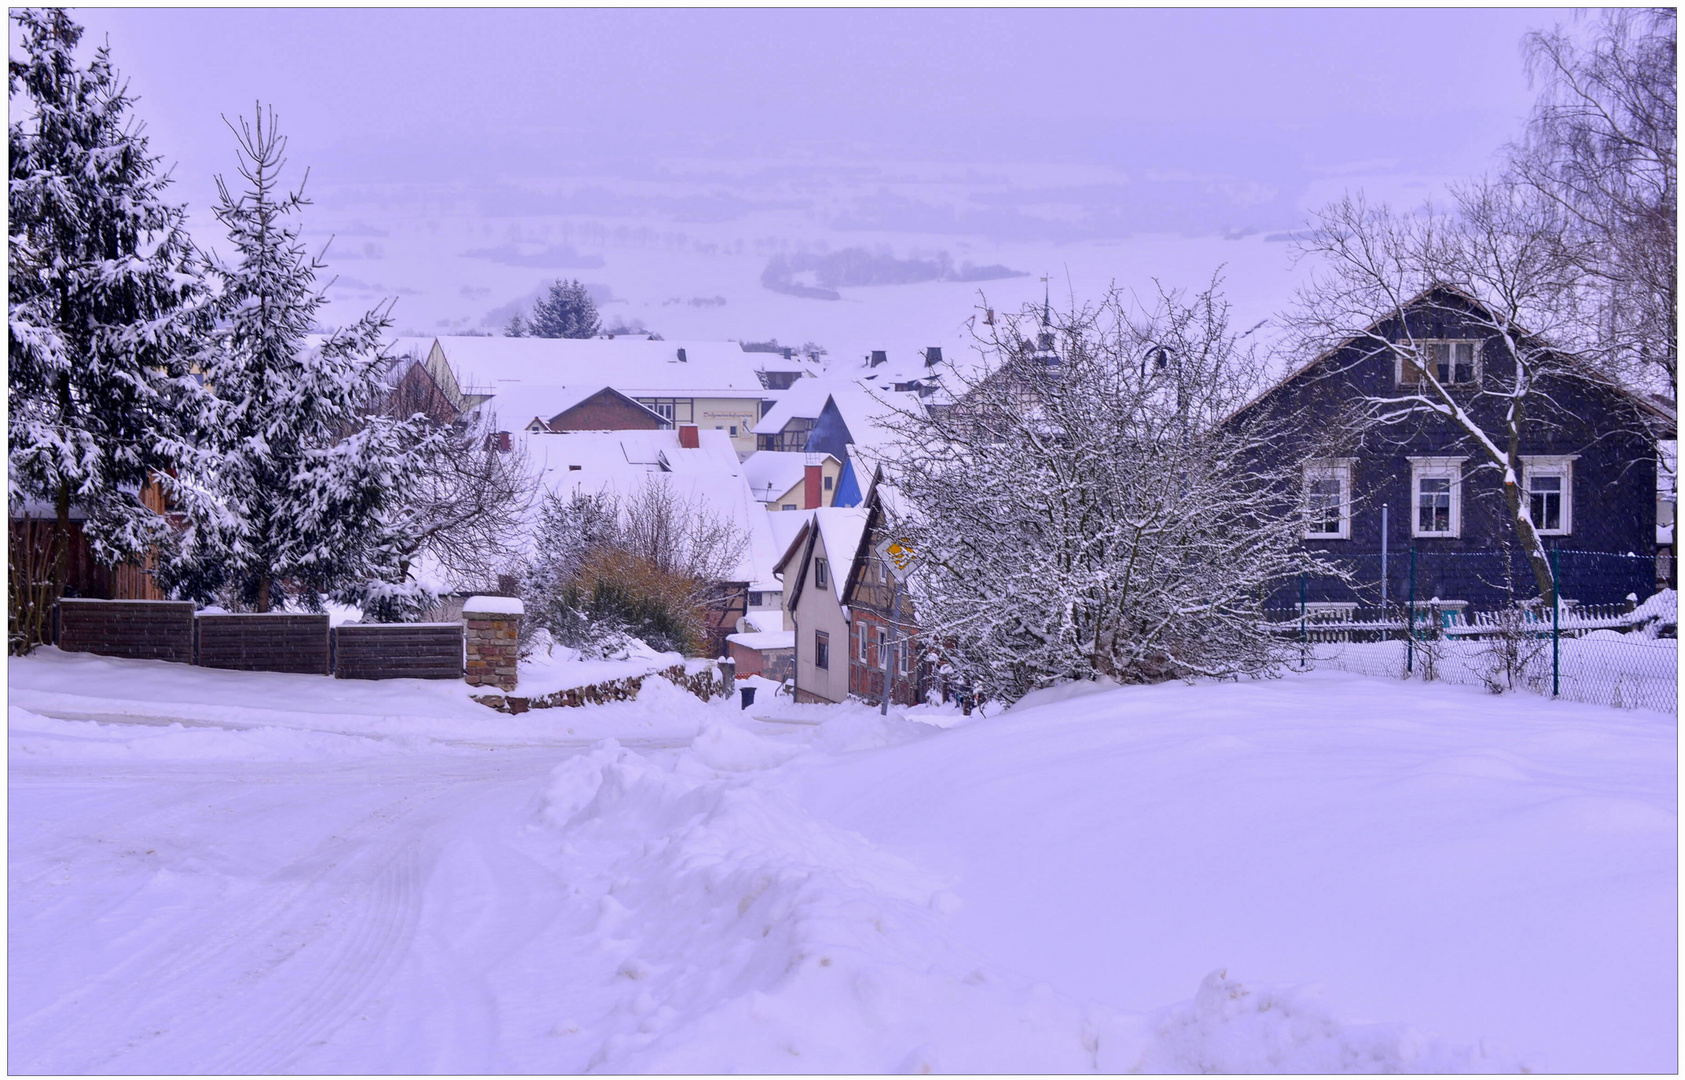 Hoy ha nevado mucho (Heute hat es sehr geschneit)